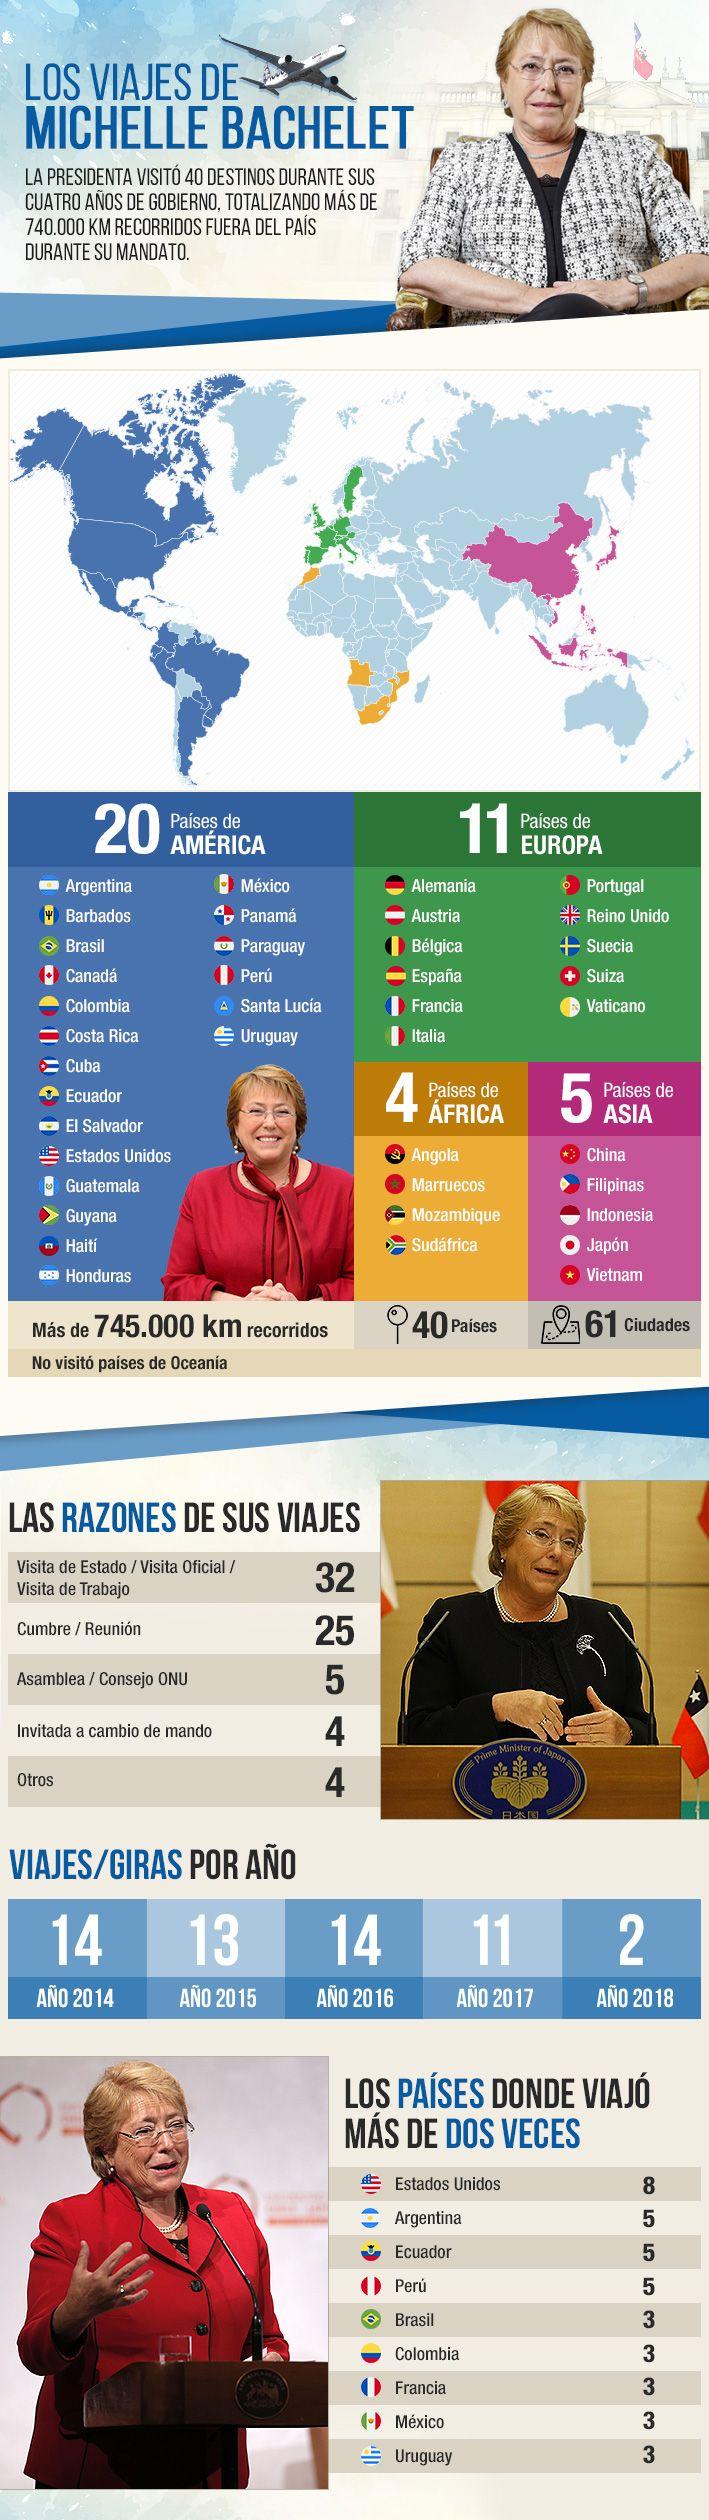 Los viajes de Bachelet: Radiografía a las visitas internacionales que realizó durante su mandato